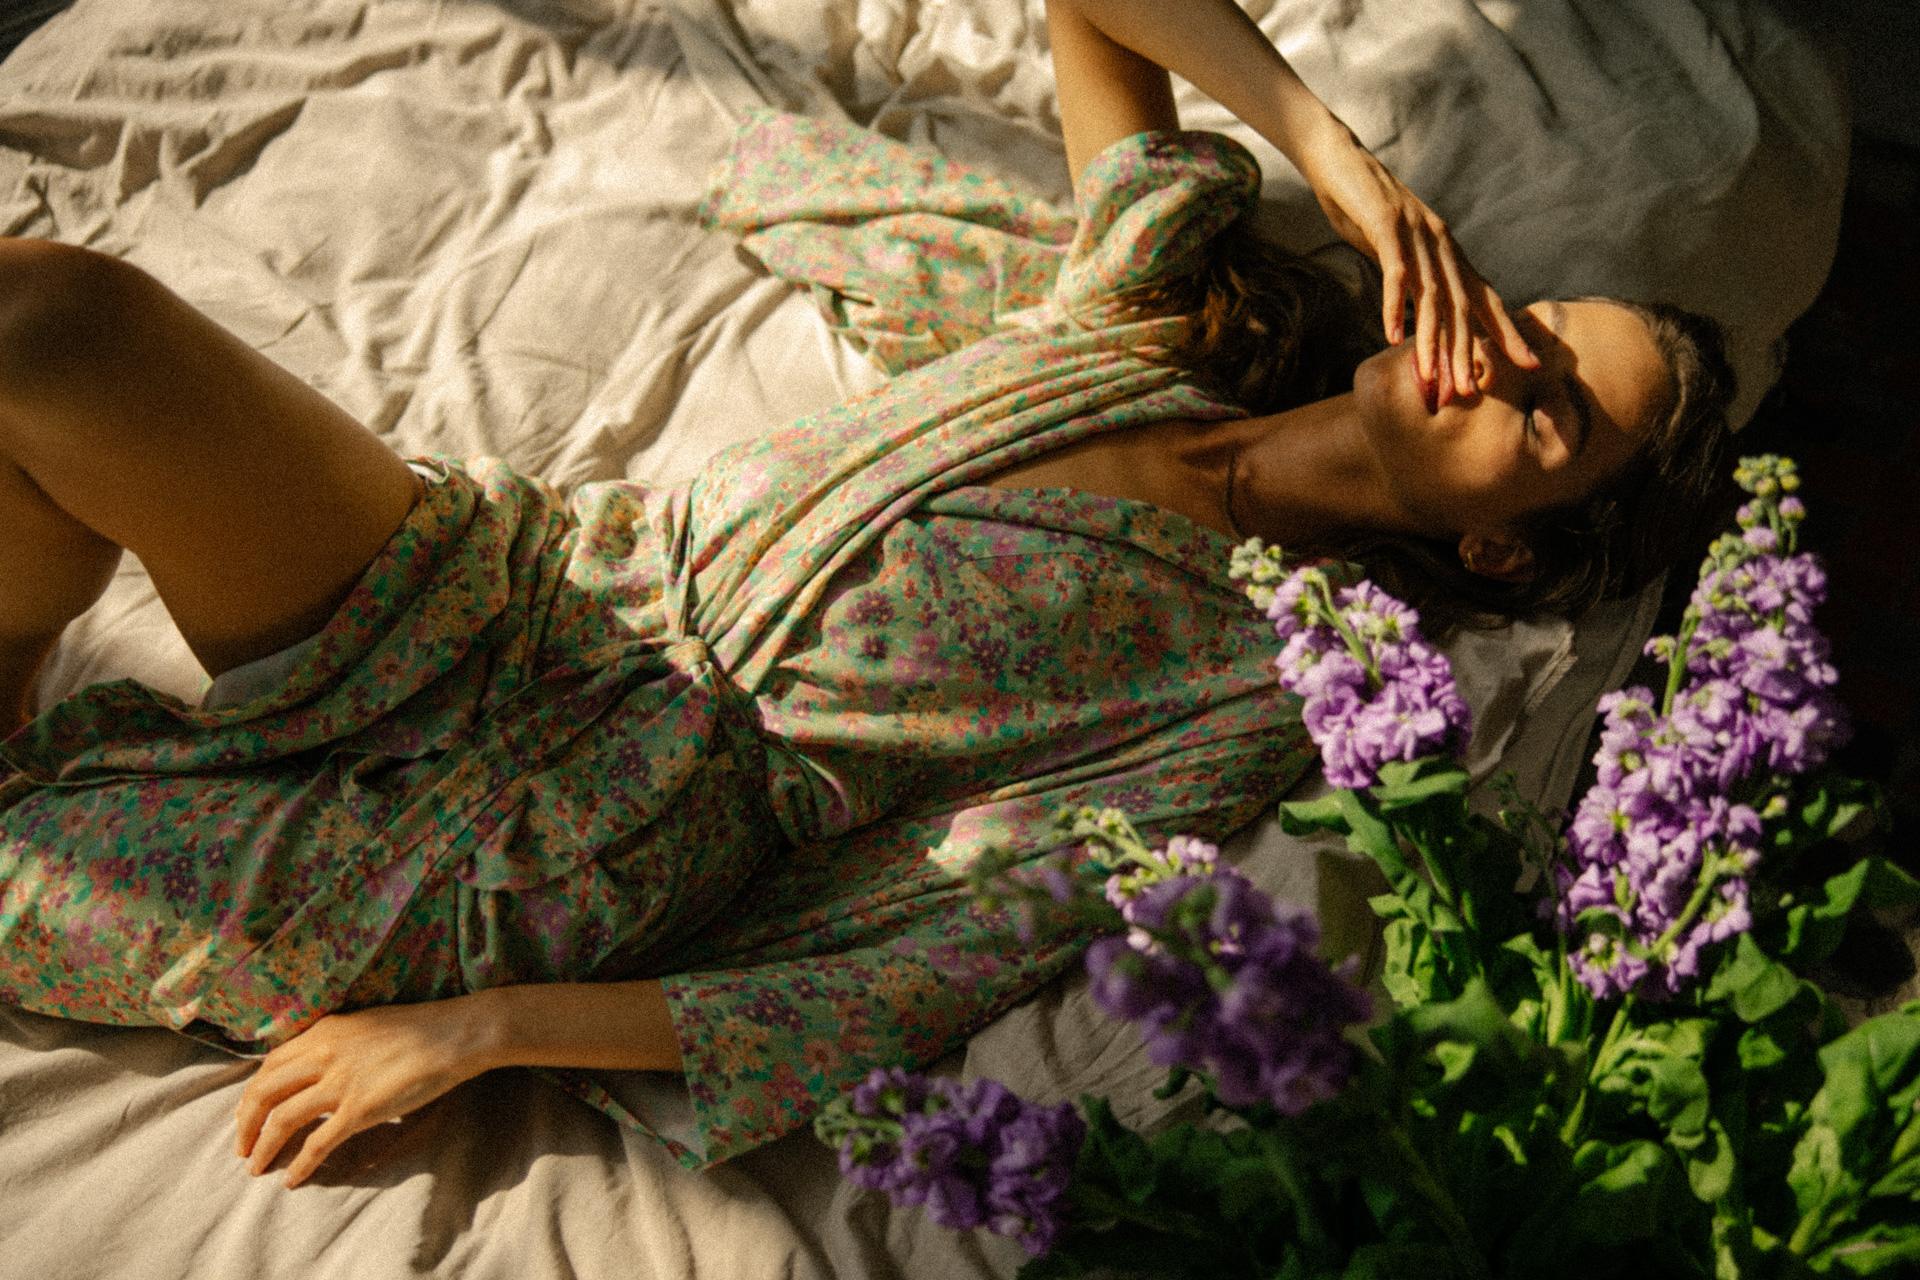 Moda Damska  Nalu Bodywear, czyli polska marka dla kobiet kochających życie